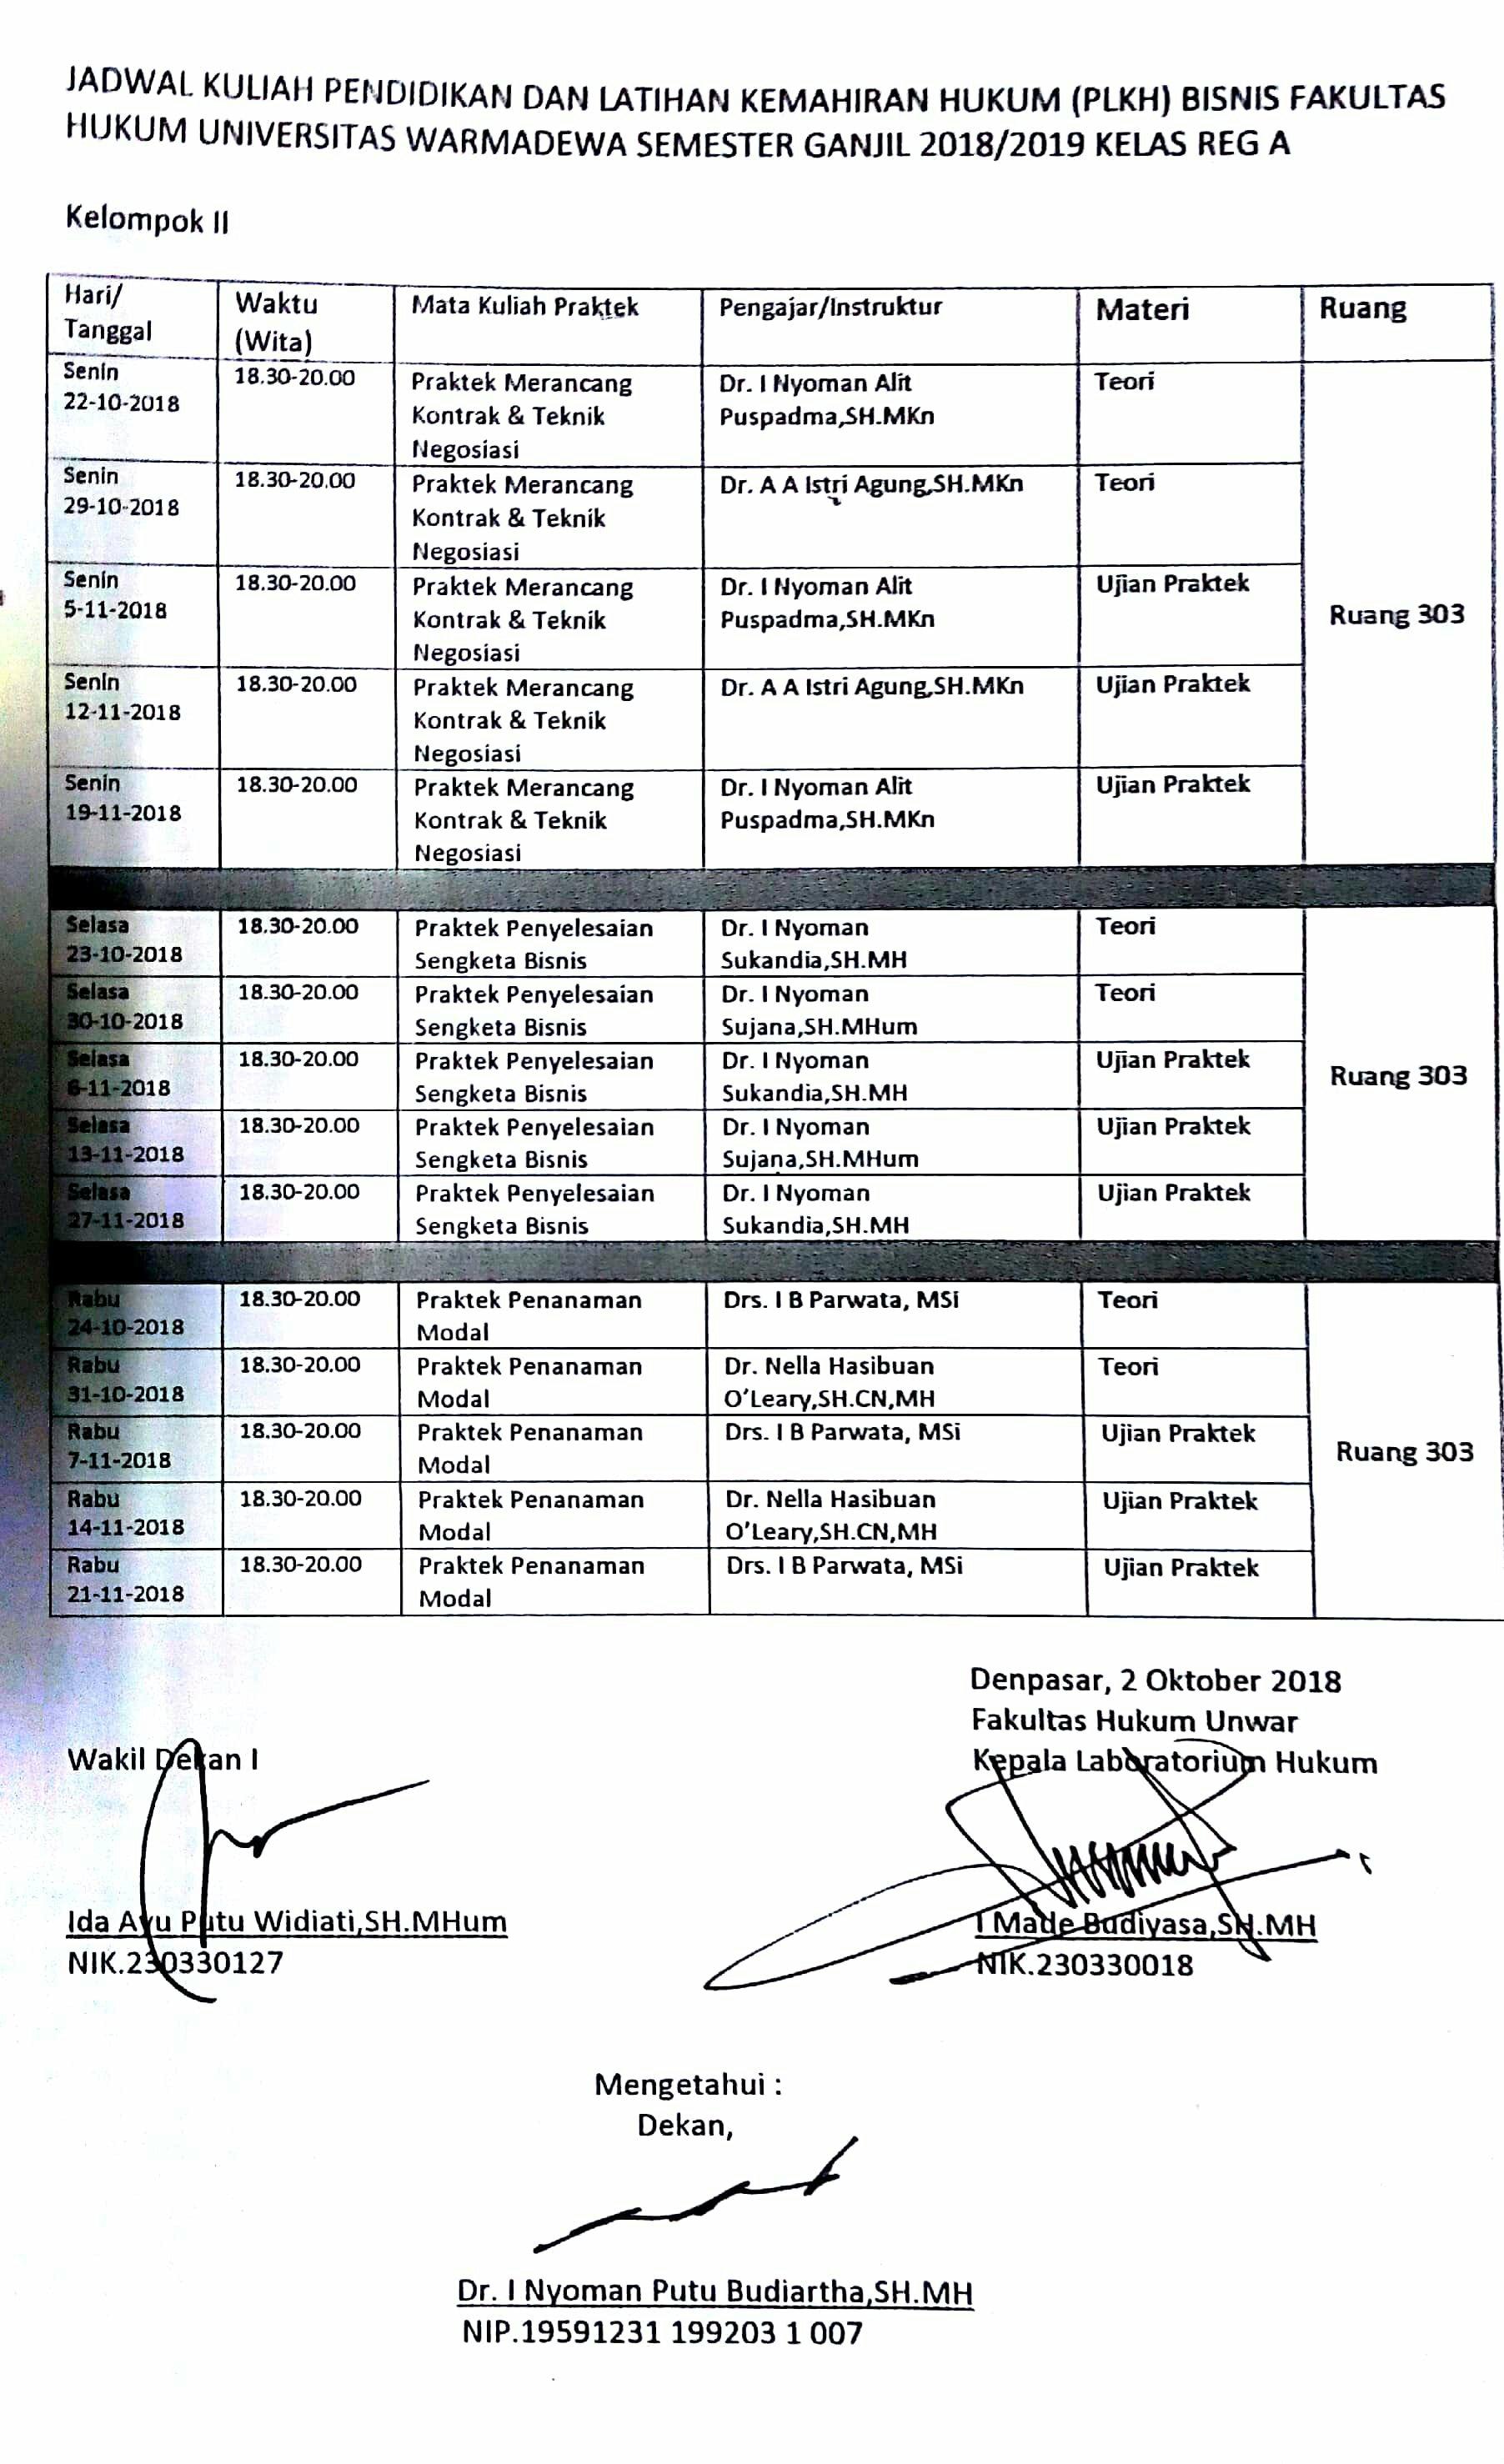 Jadwal Kuliah Pendidikan dan Latihan. Kemahiran Hukum (PLKH) Bisnis Fakultas Hukum Universitas Warmadewa Semester Ganjil 2018/2019 Keplas Reg A